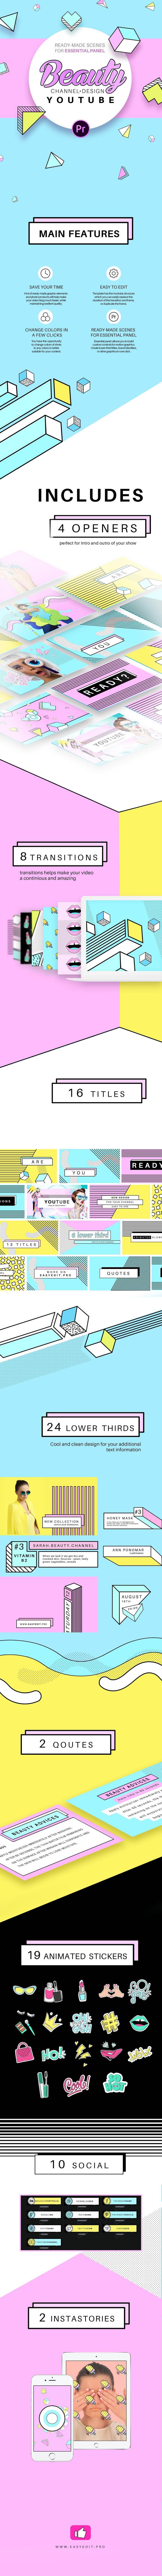 Beauty Youtube Design Pack | MOGRT for Premiere - 4